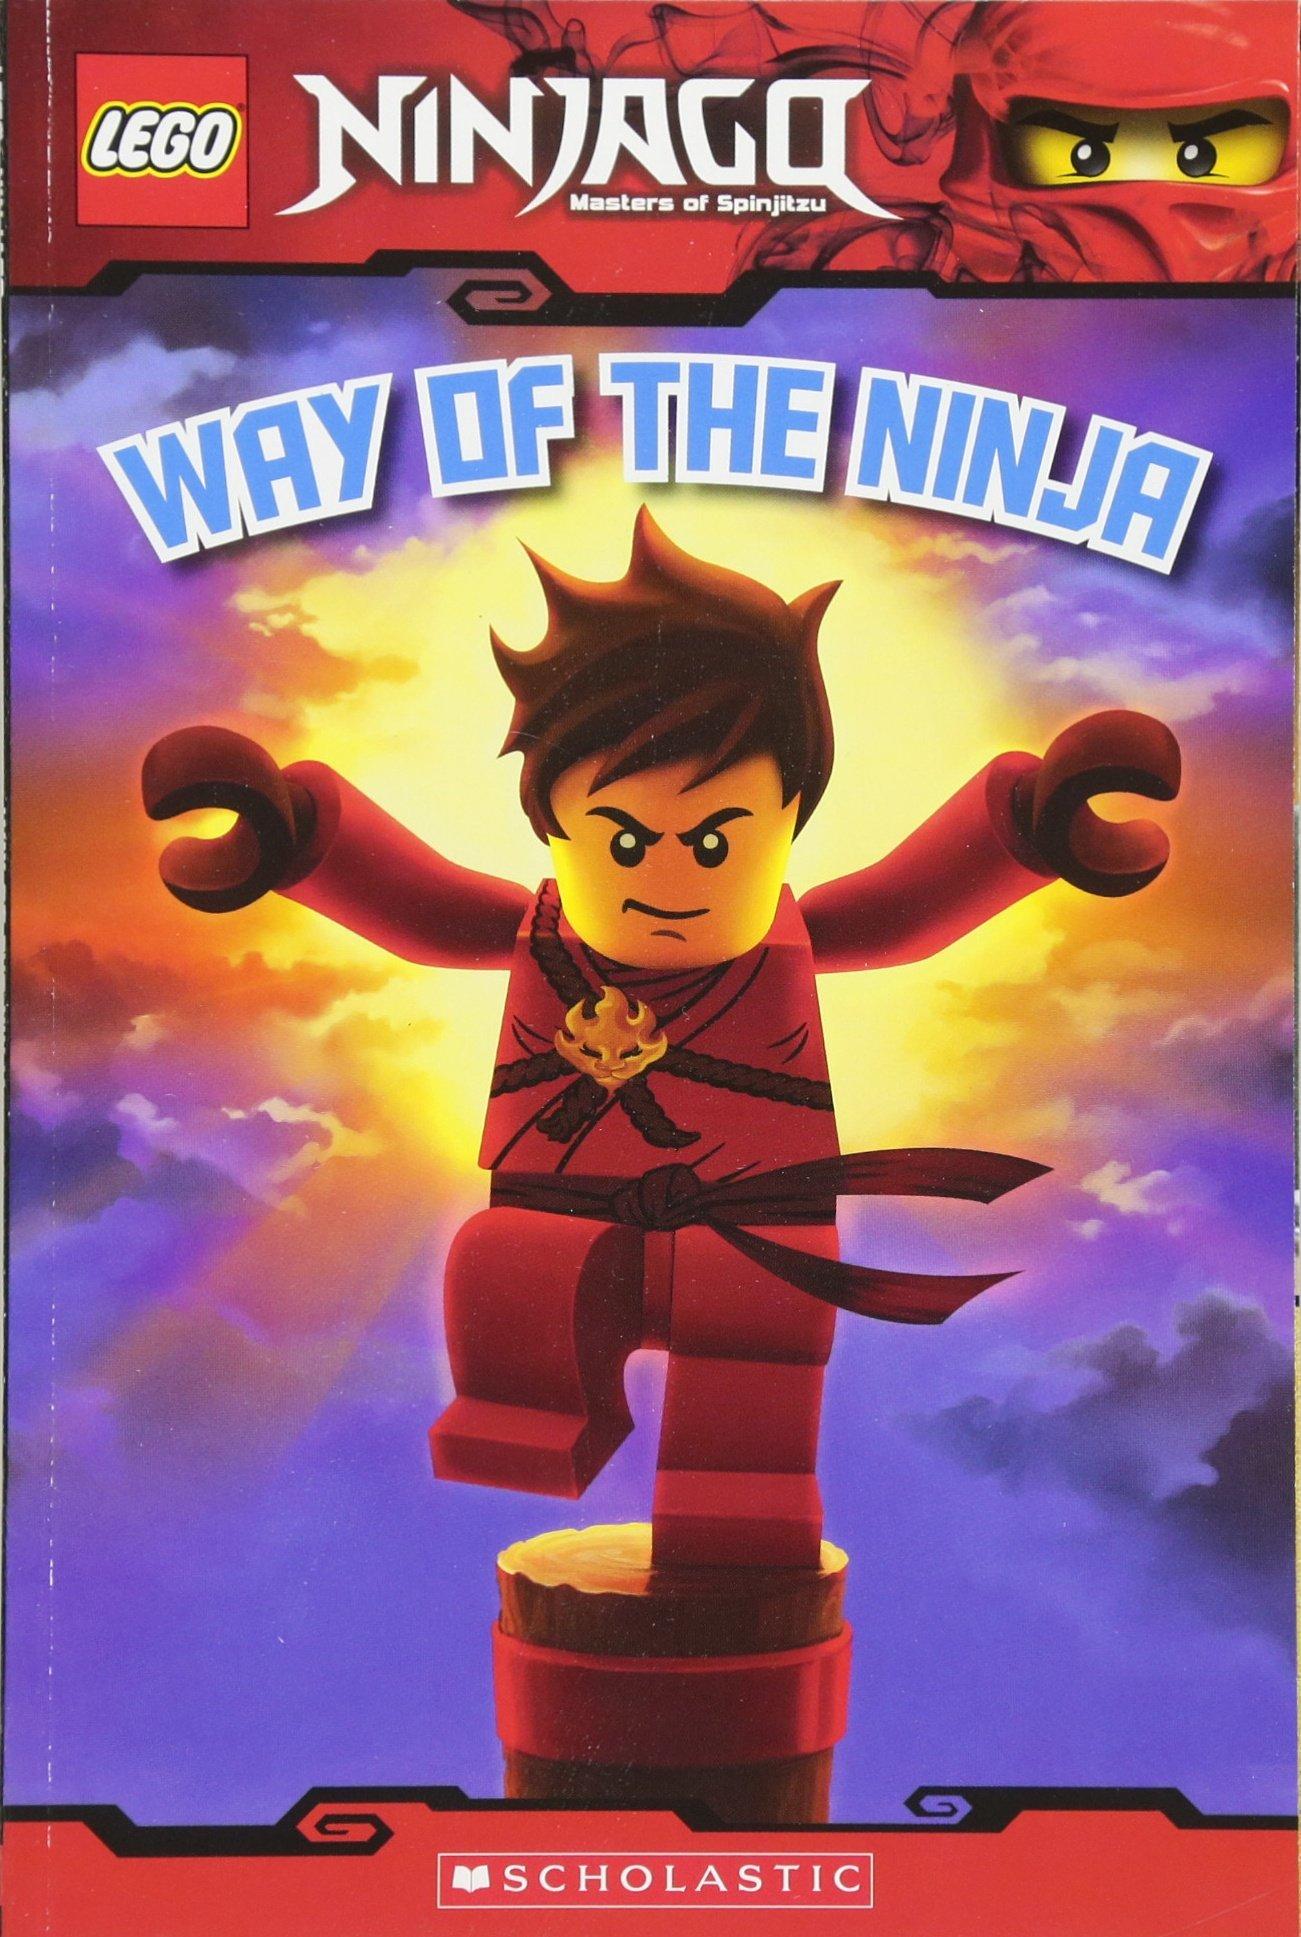 Way Ninja LEGO Ninjago Reader product image